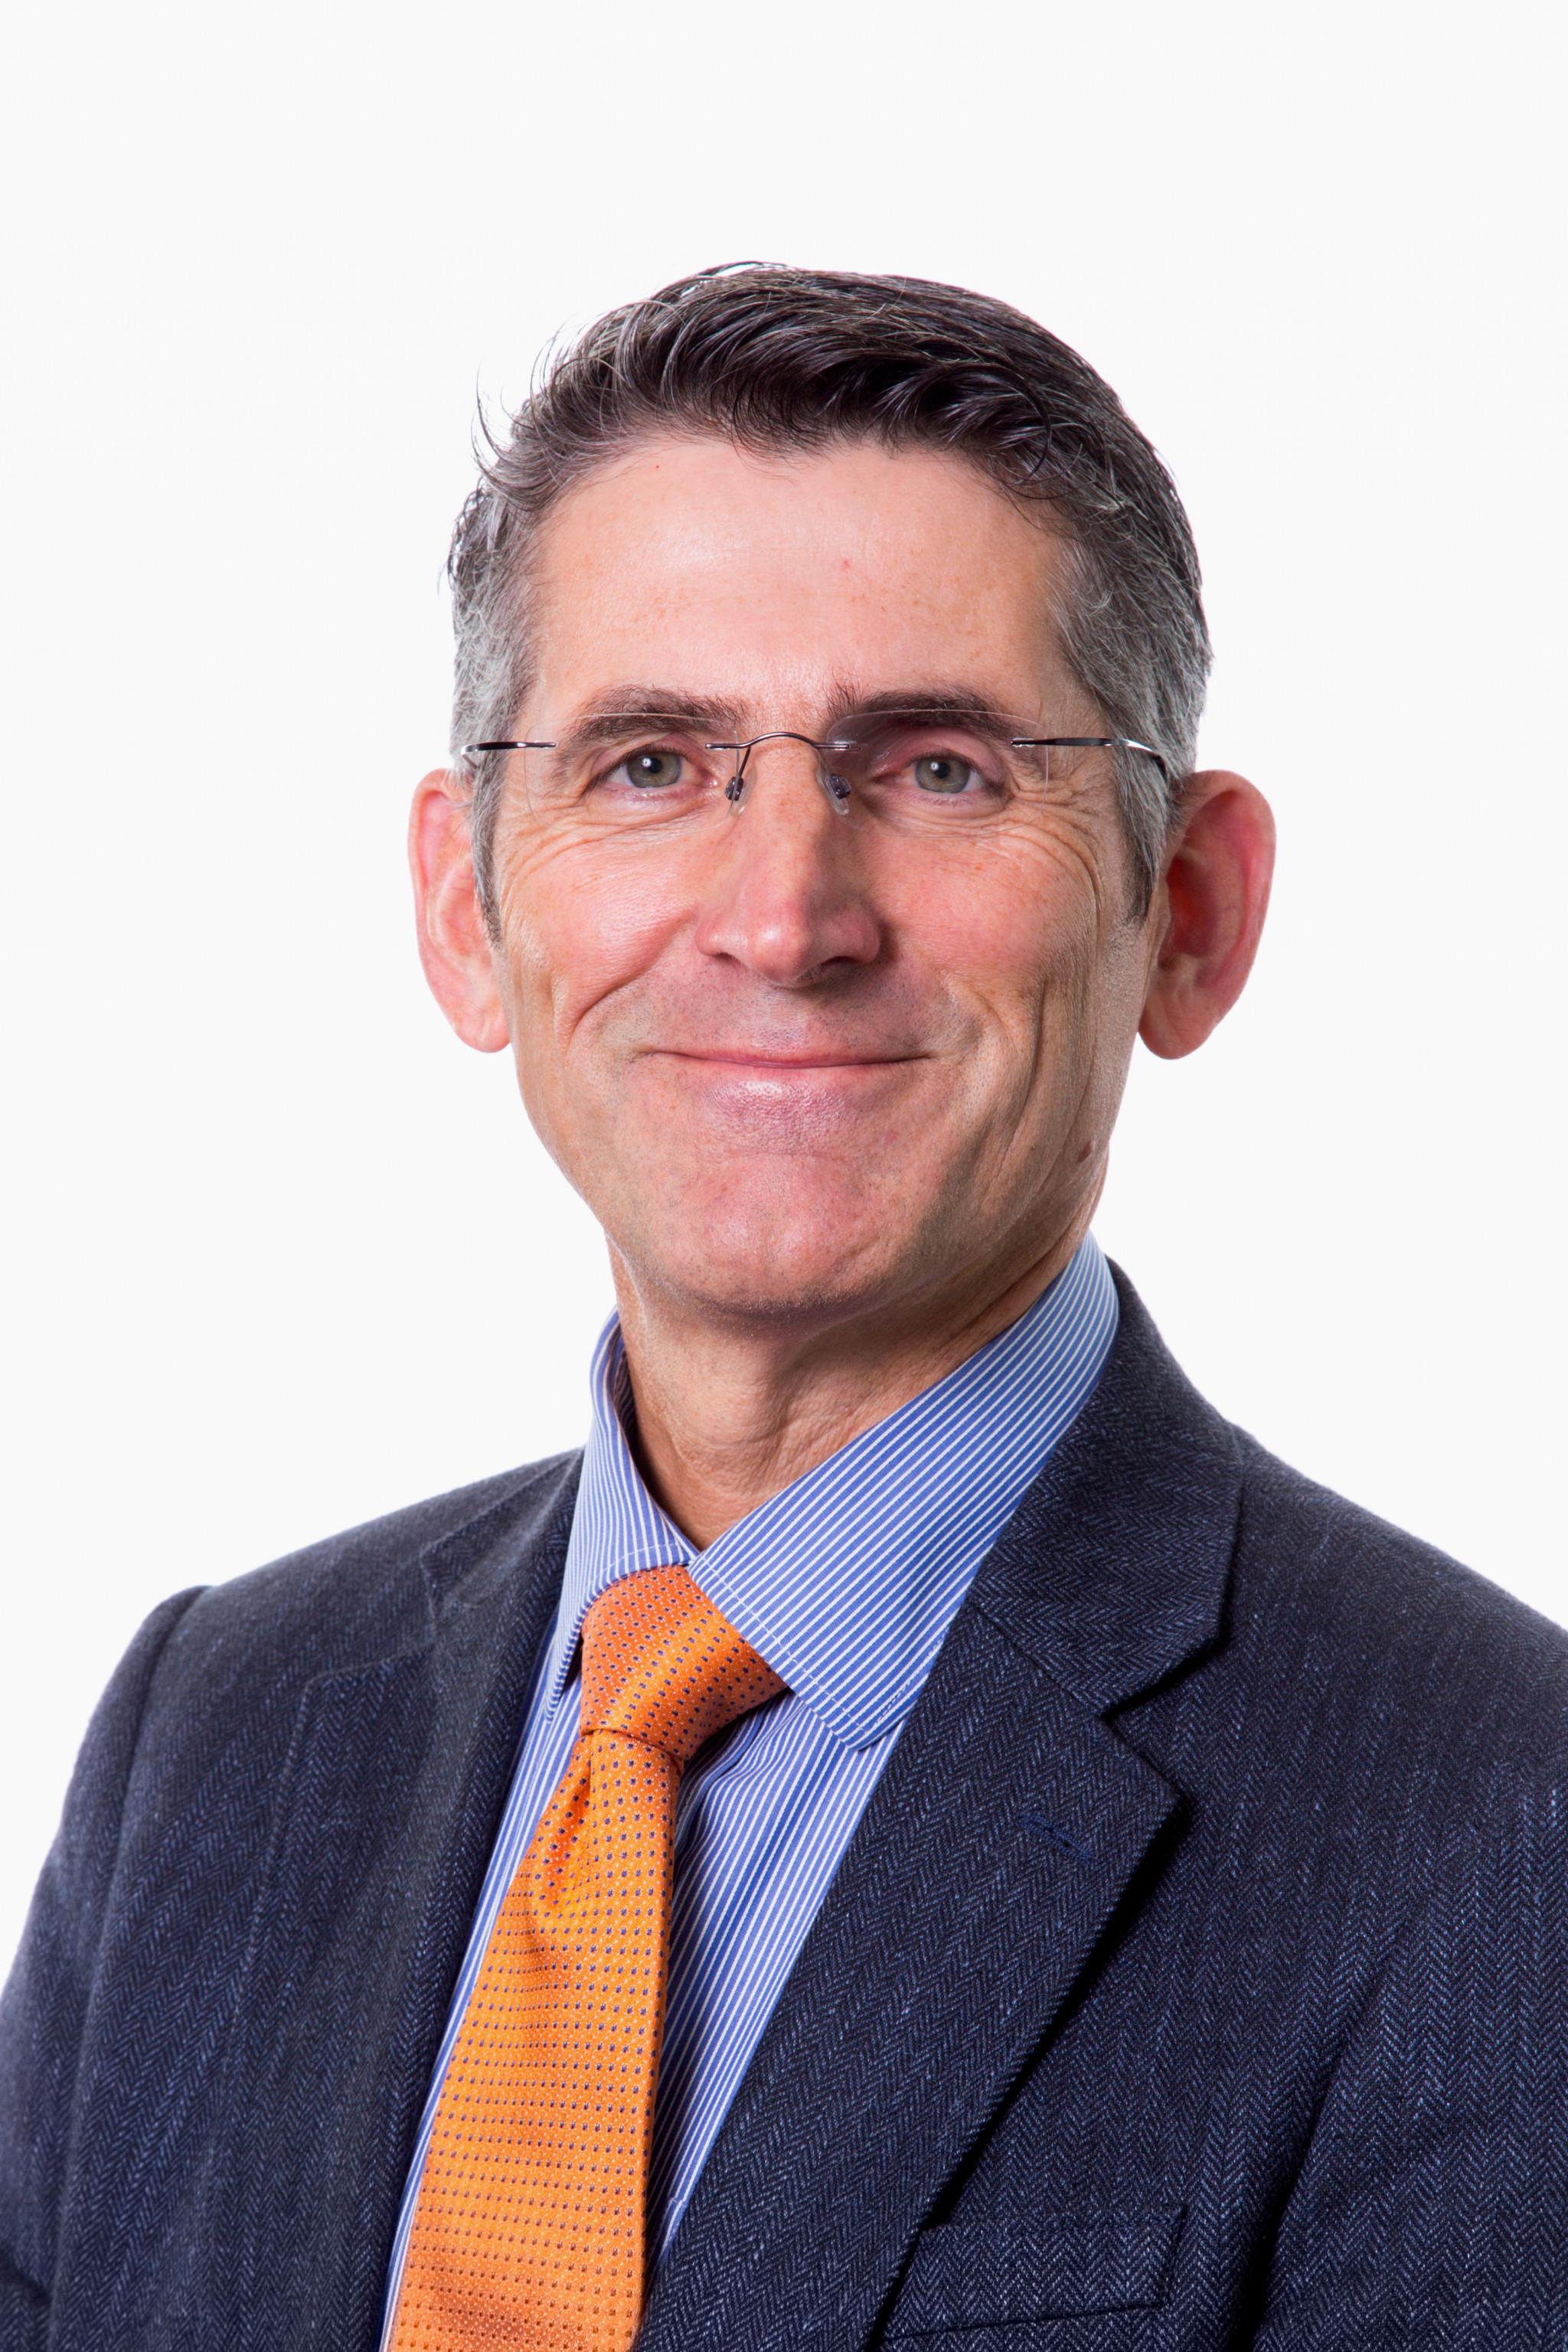 Tim Heather